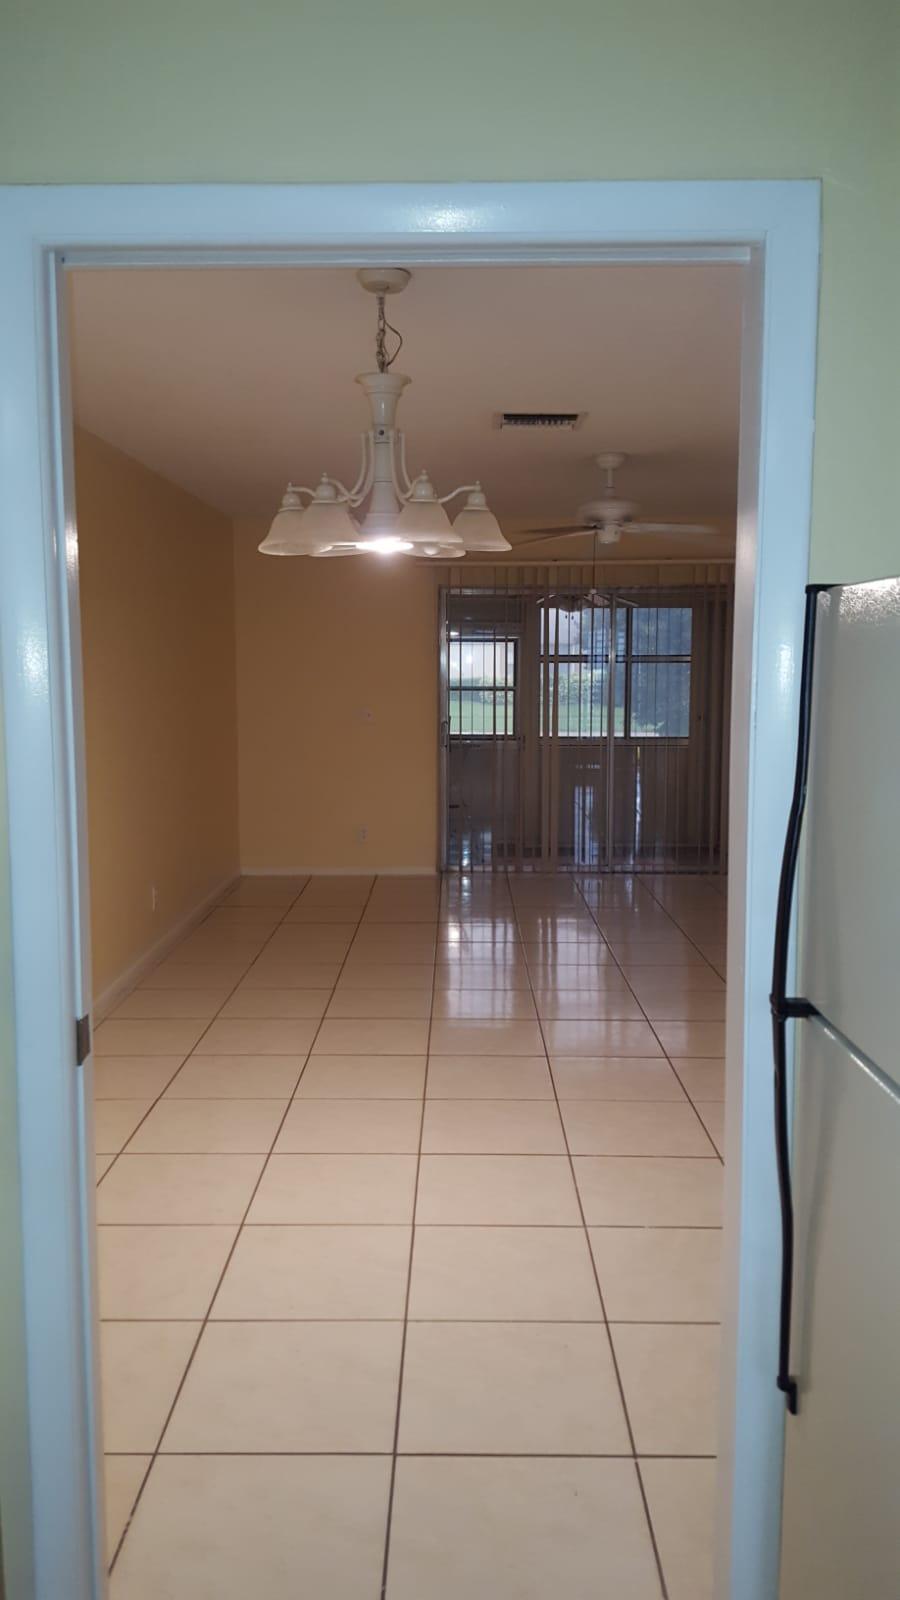 2853 Crosley Drive, West Palm Beach, Florida 33415, 2 Bedrooms Bedrooms, ,2 BathroomsBathrooms,Condo/Coop,For Sale,Crosley,1,RX-10481473